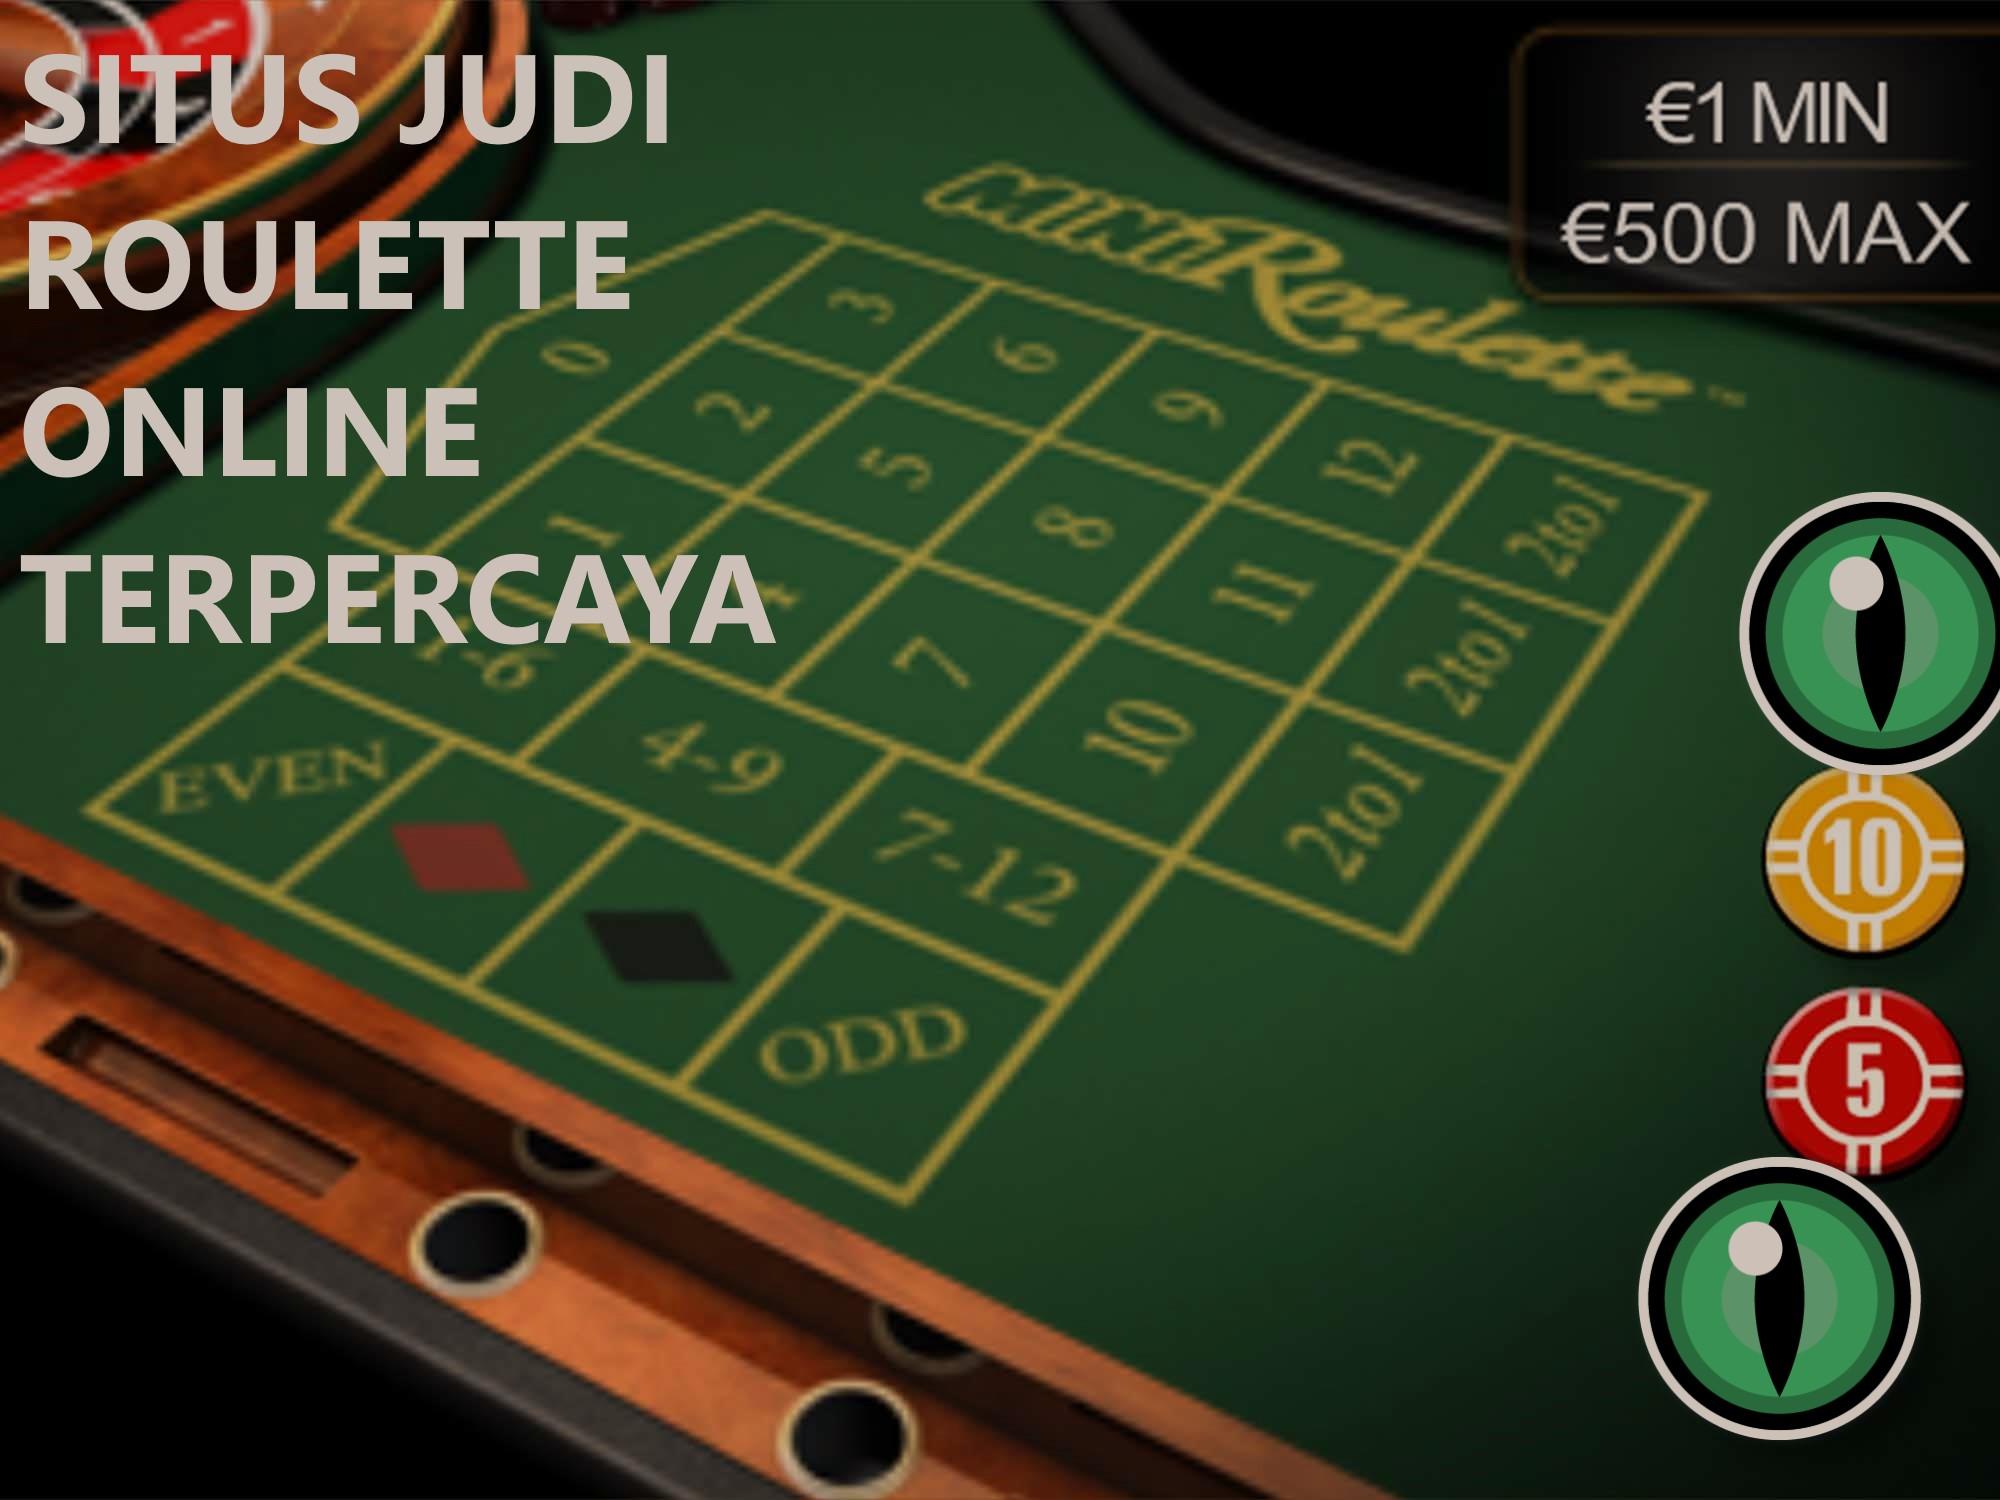 Memilih Situs Roulette Online Terpercaya